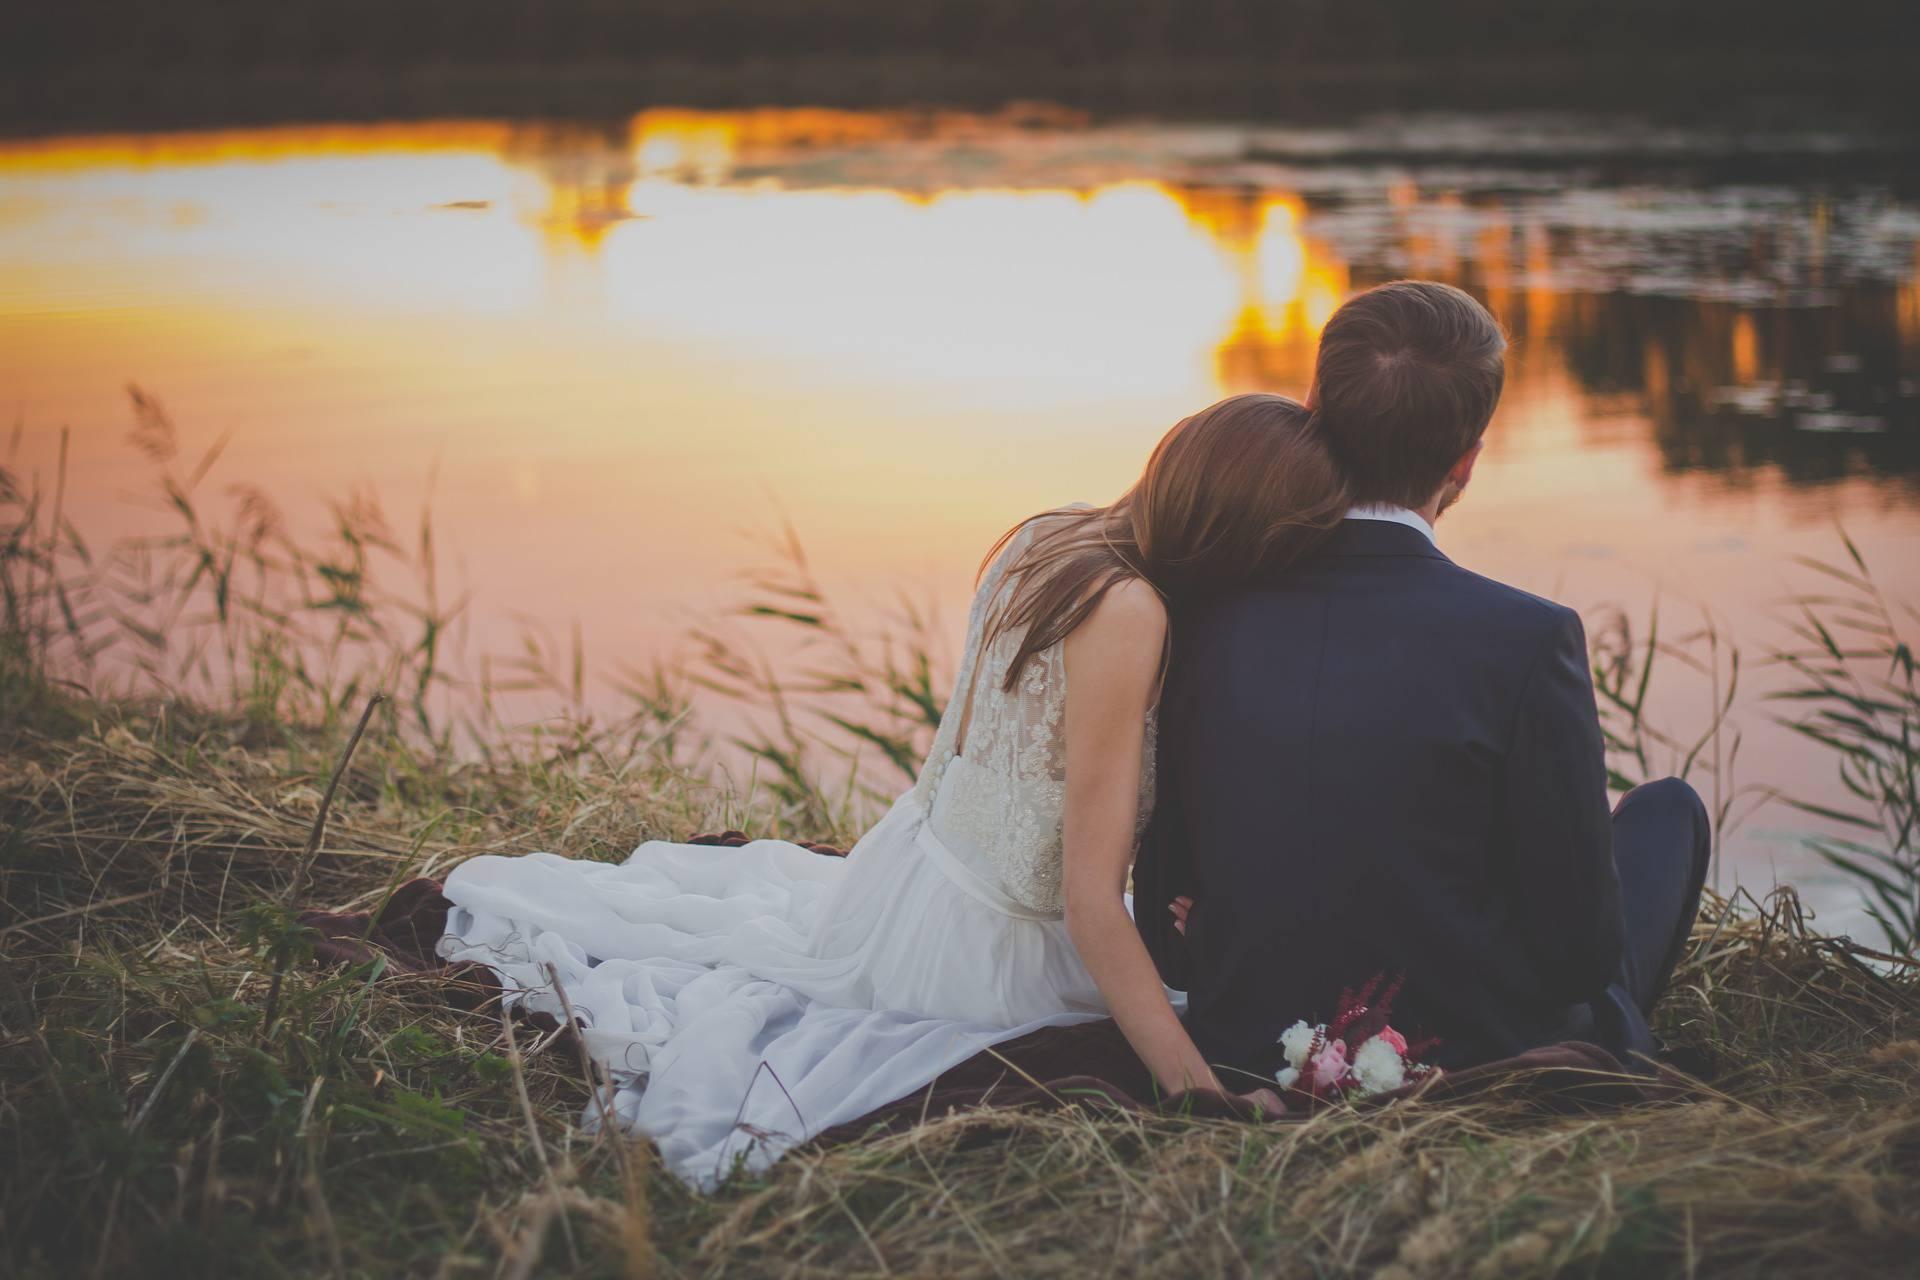 Došao je biti kum na vjenčanju, a mlada je kleknula pred njega